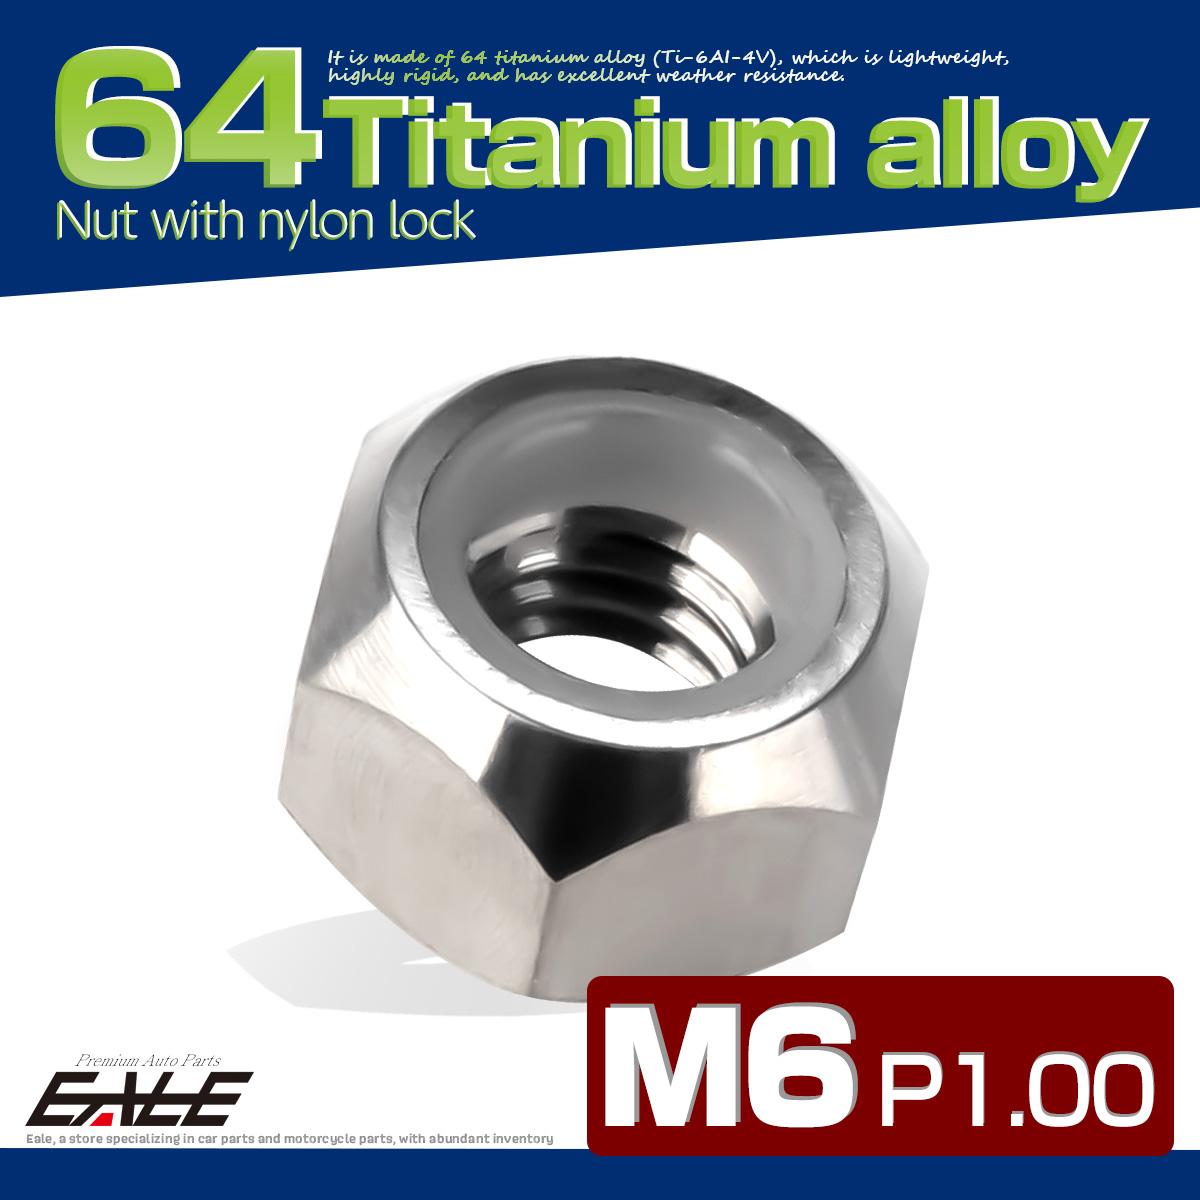 【ネコポス可】 M6 P1.0 64チタン ナイロンナット ゆるみ防止ナット 六角ナット シルバー JA836